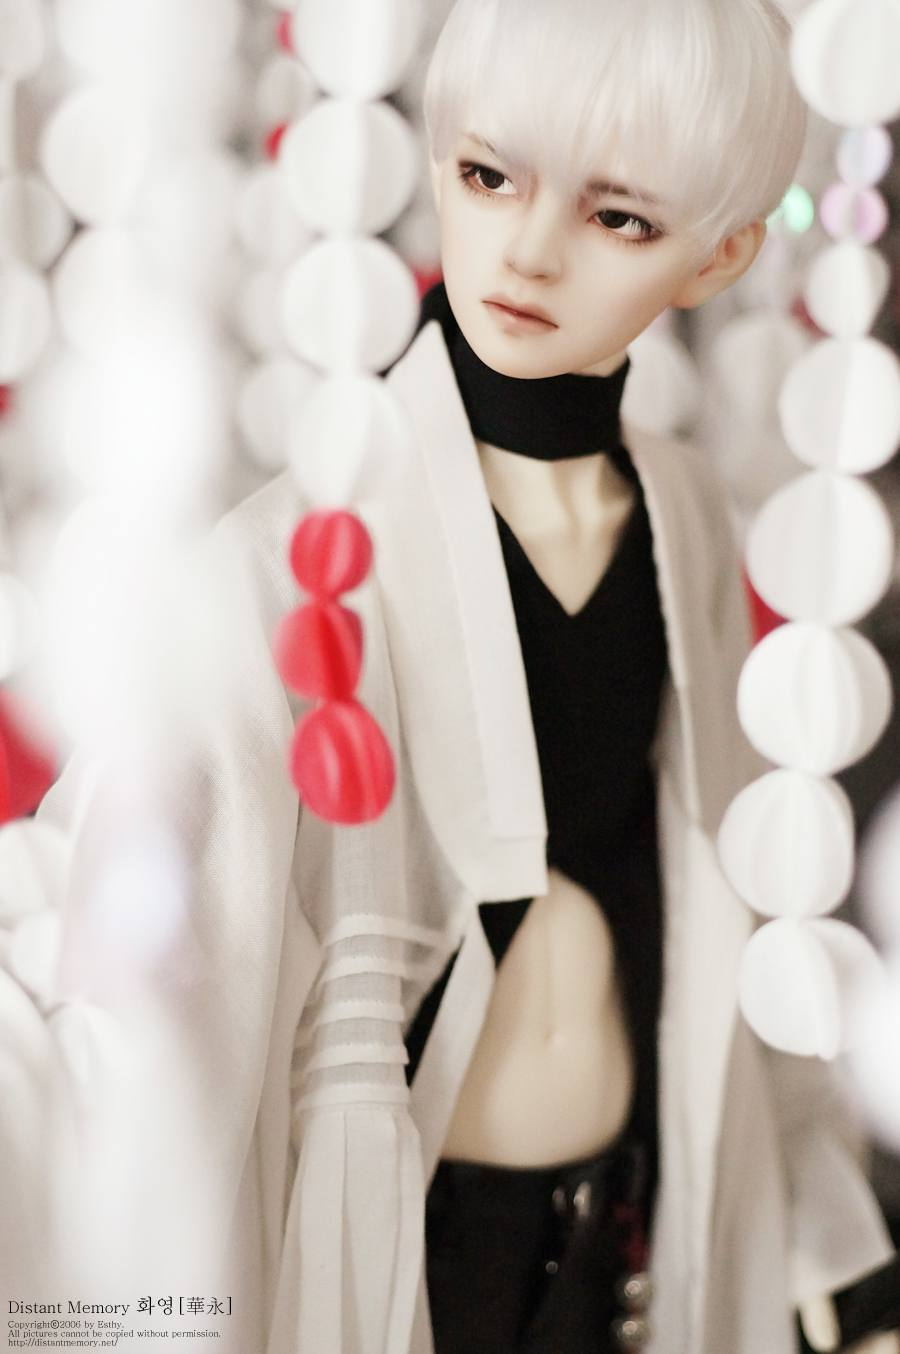 кукла ви поразила всех своей реалистичностью и красотой Yesasia